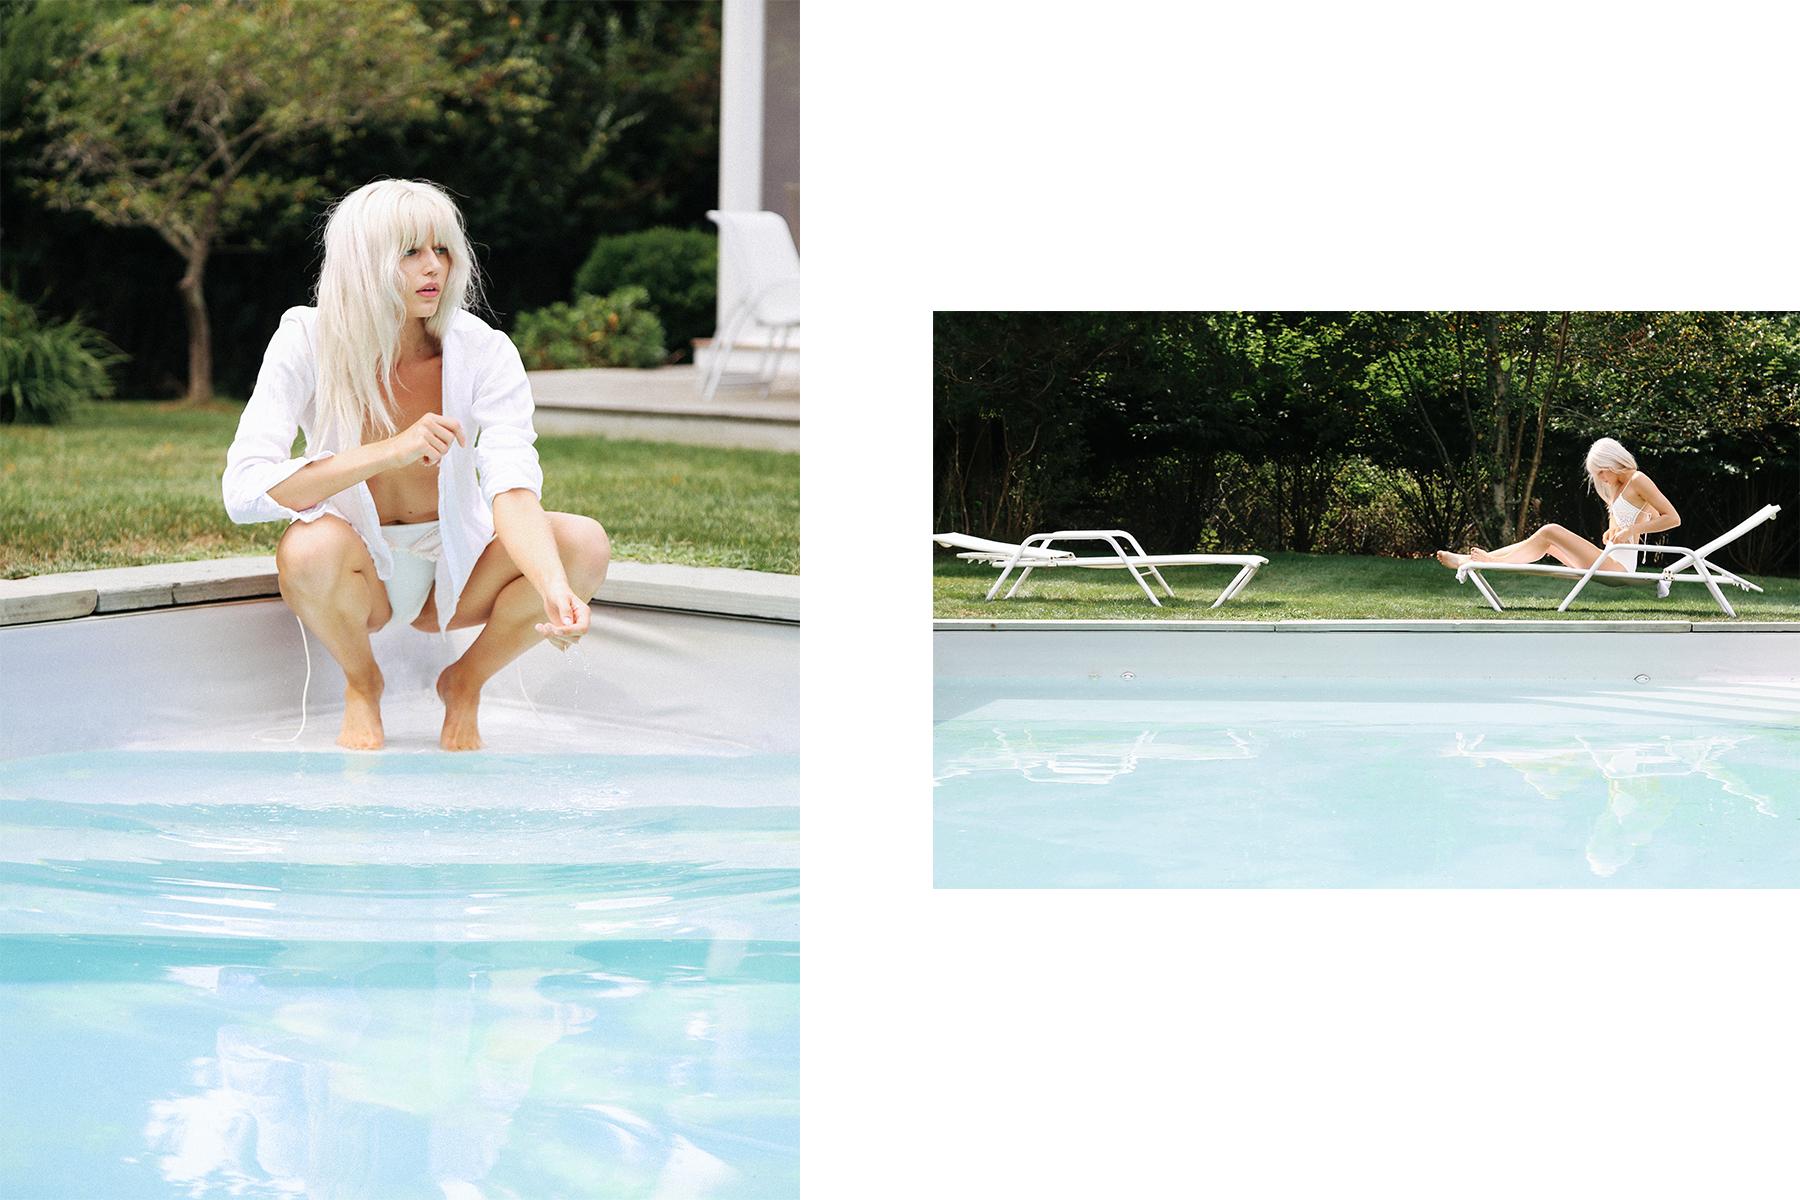 Promontory Swimwear